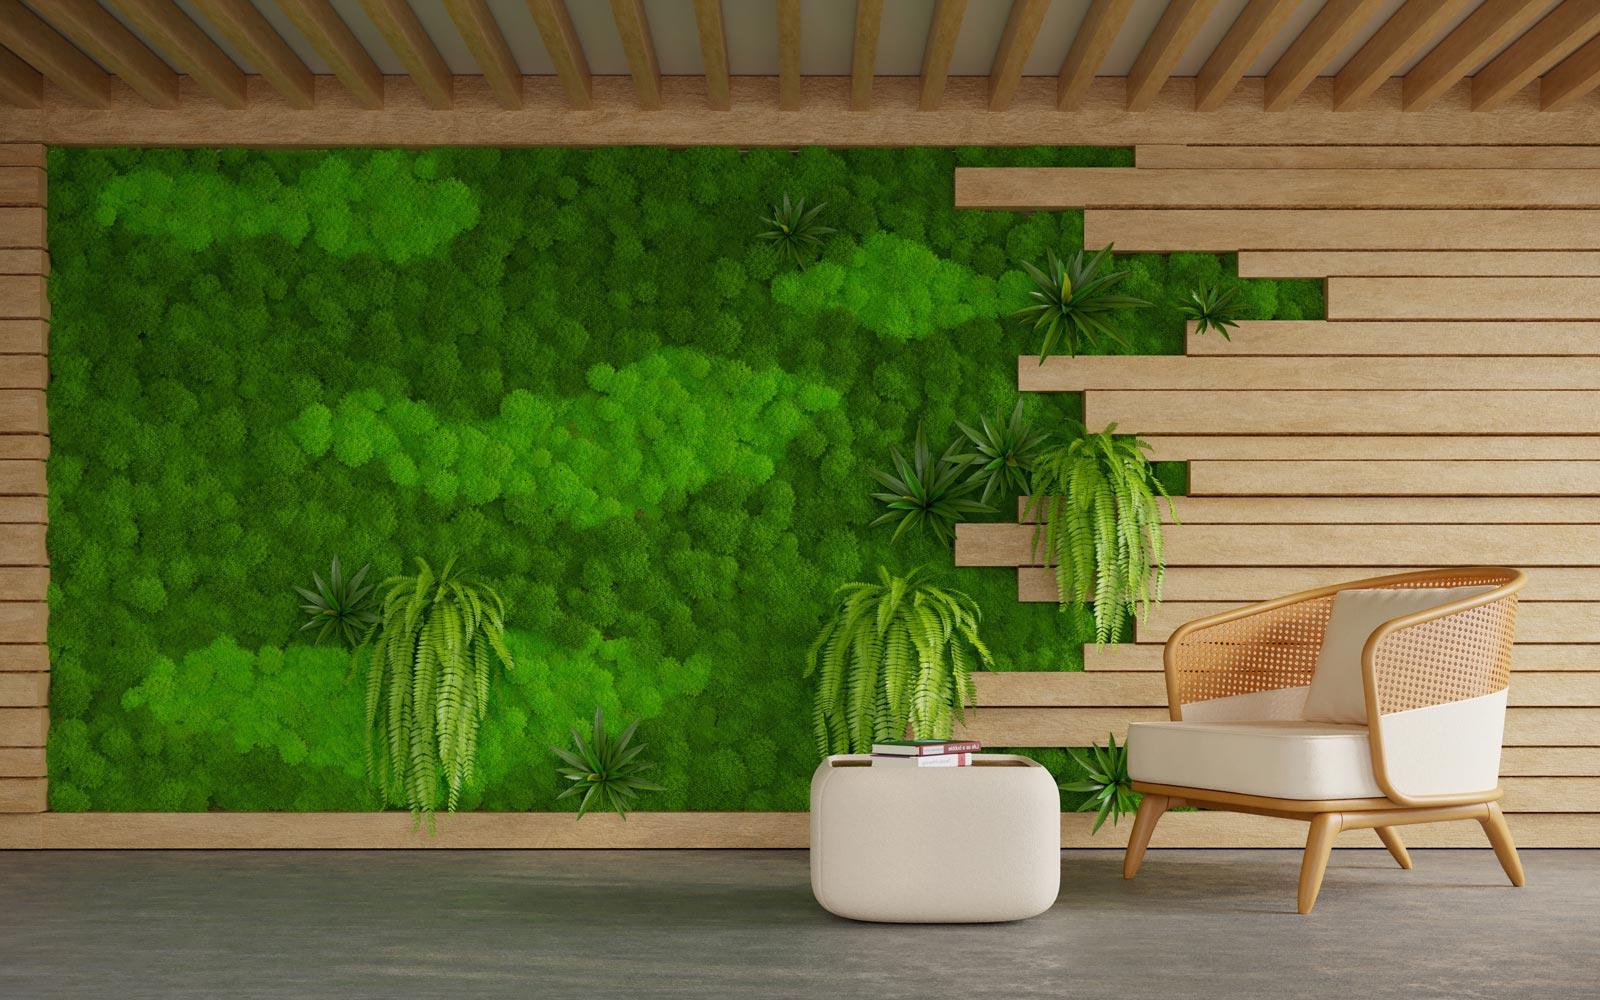 Zielone ściany – wprowadź do wnętrza żywą zieleń bez utraty miejsca! 1